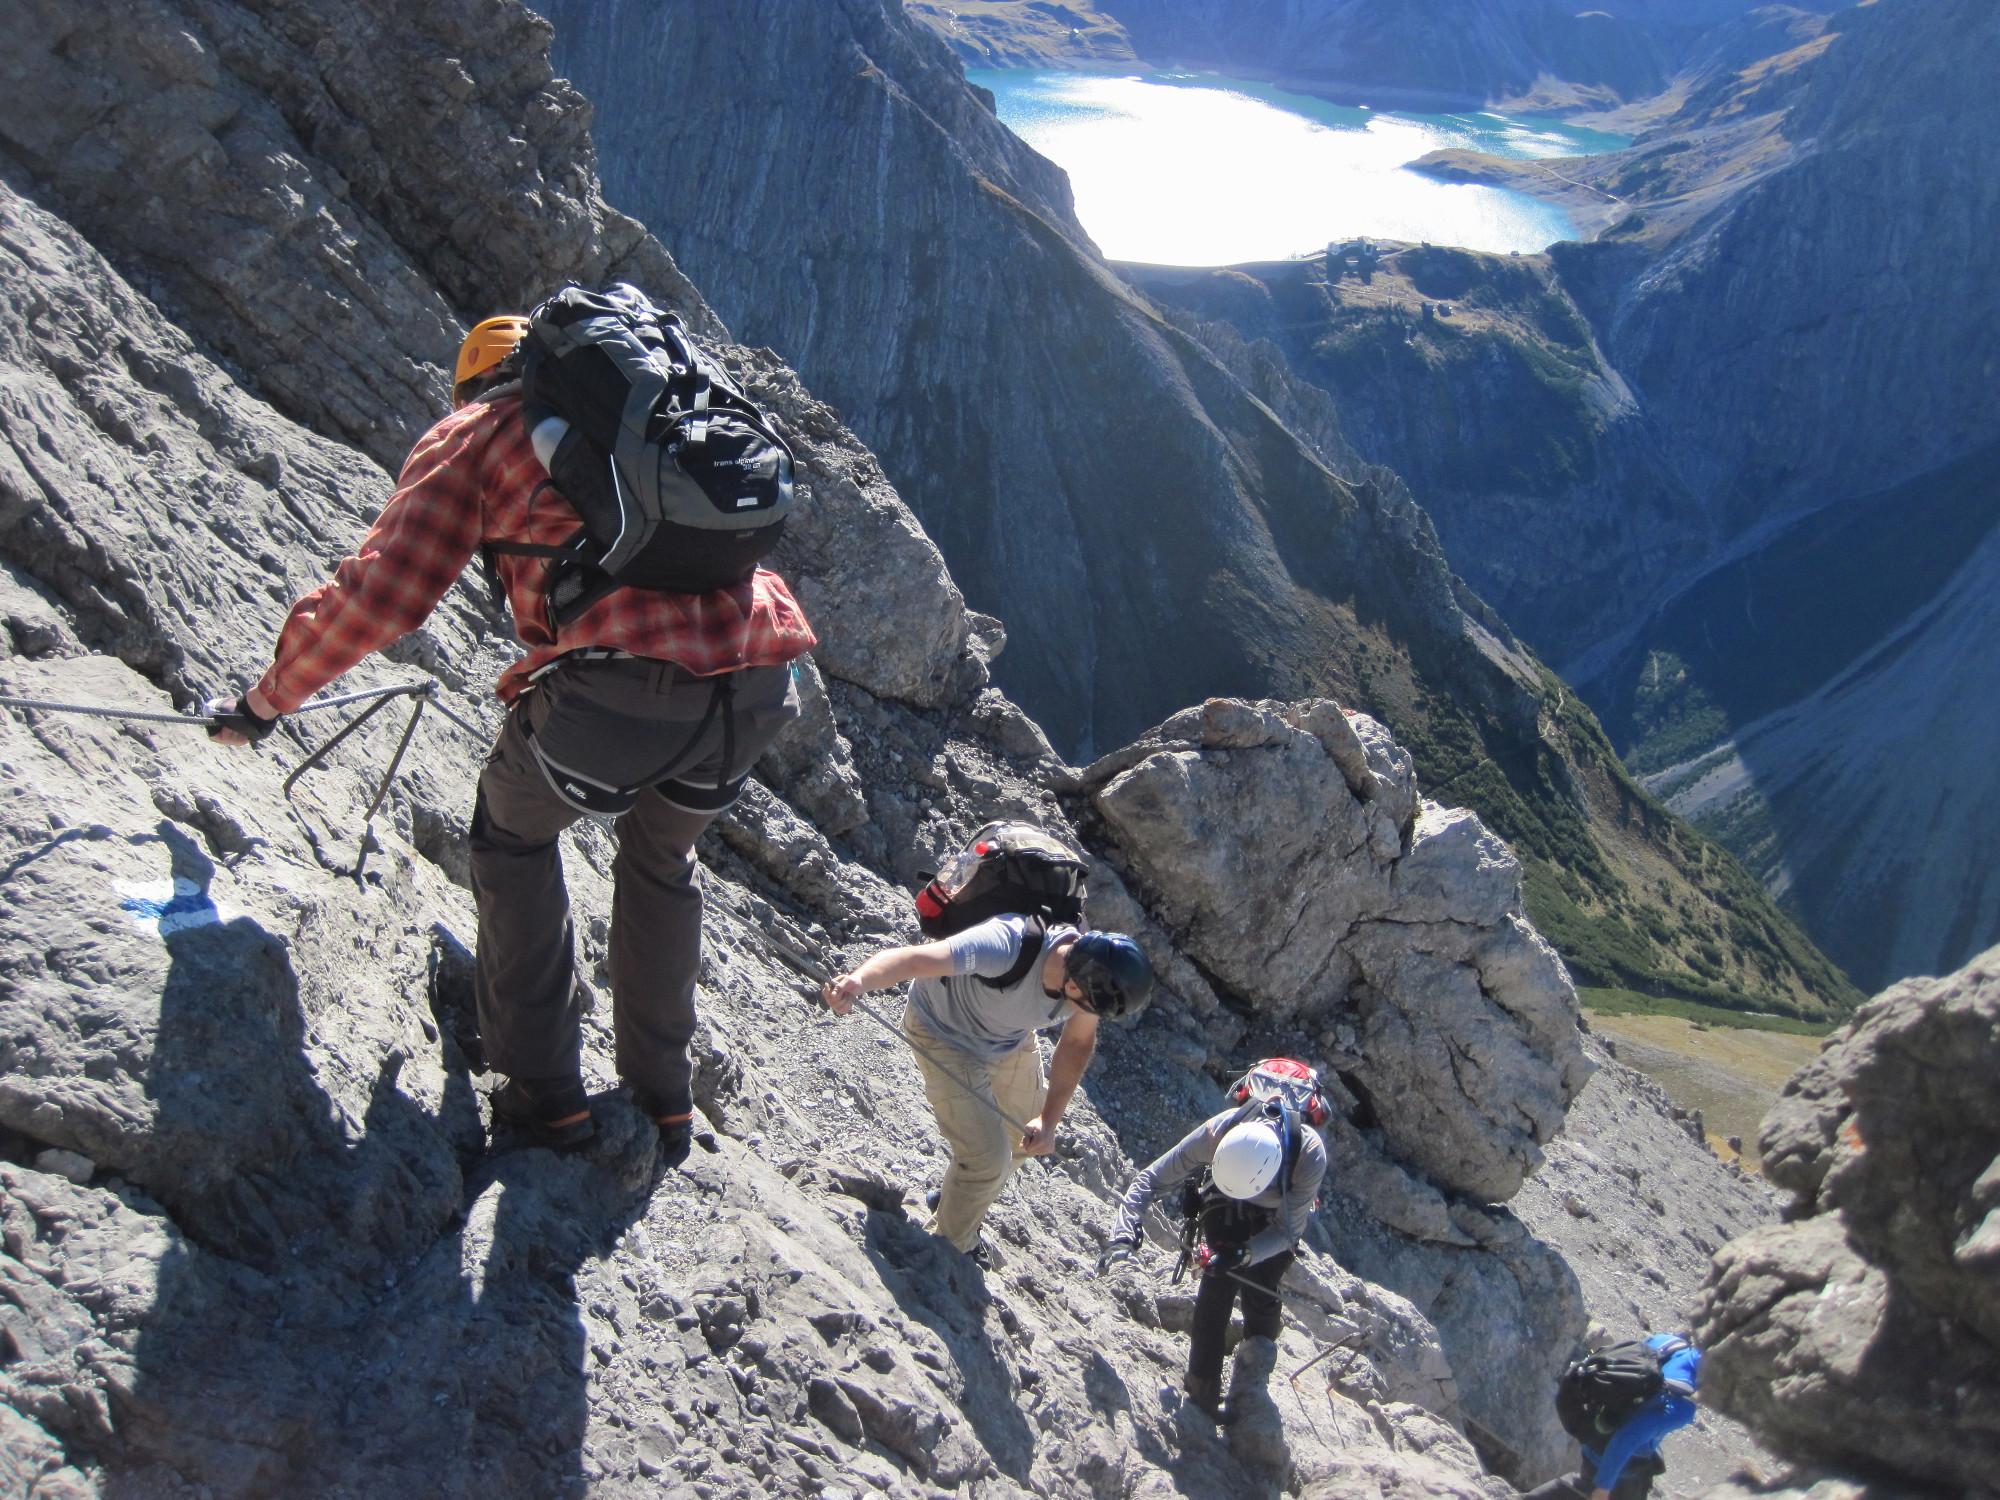 Saulakopf Klettersteig